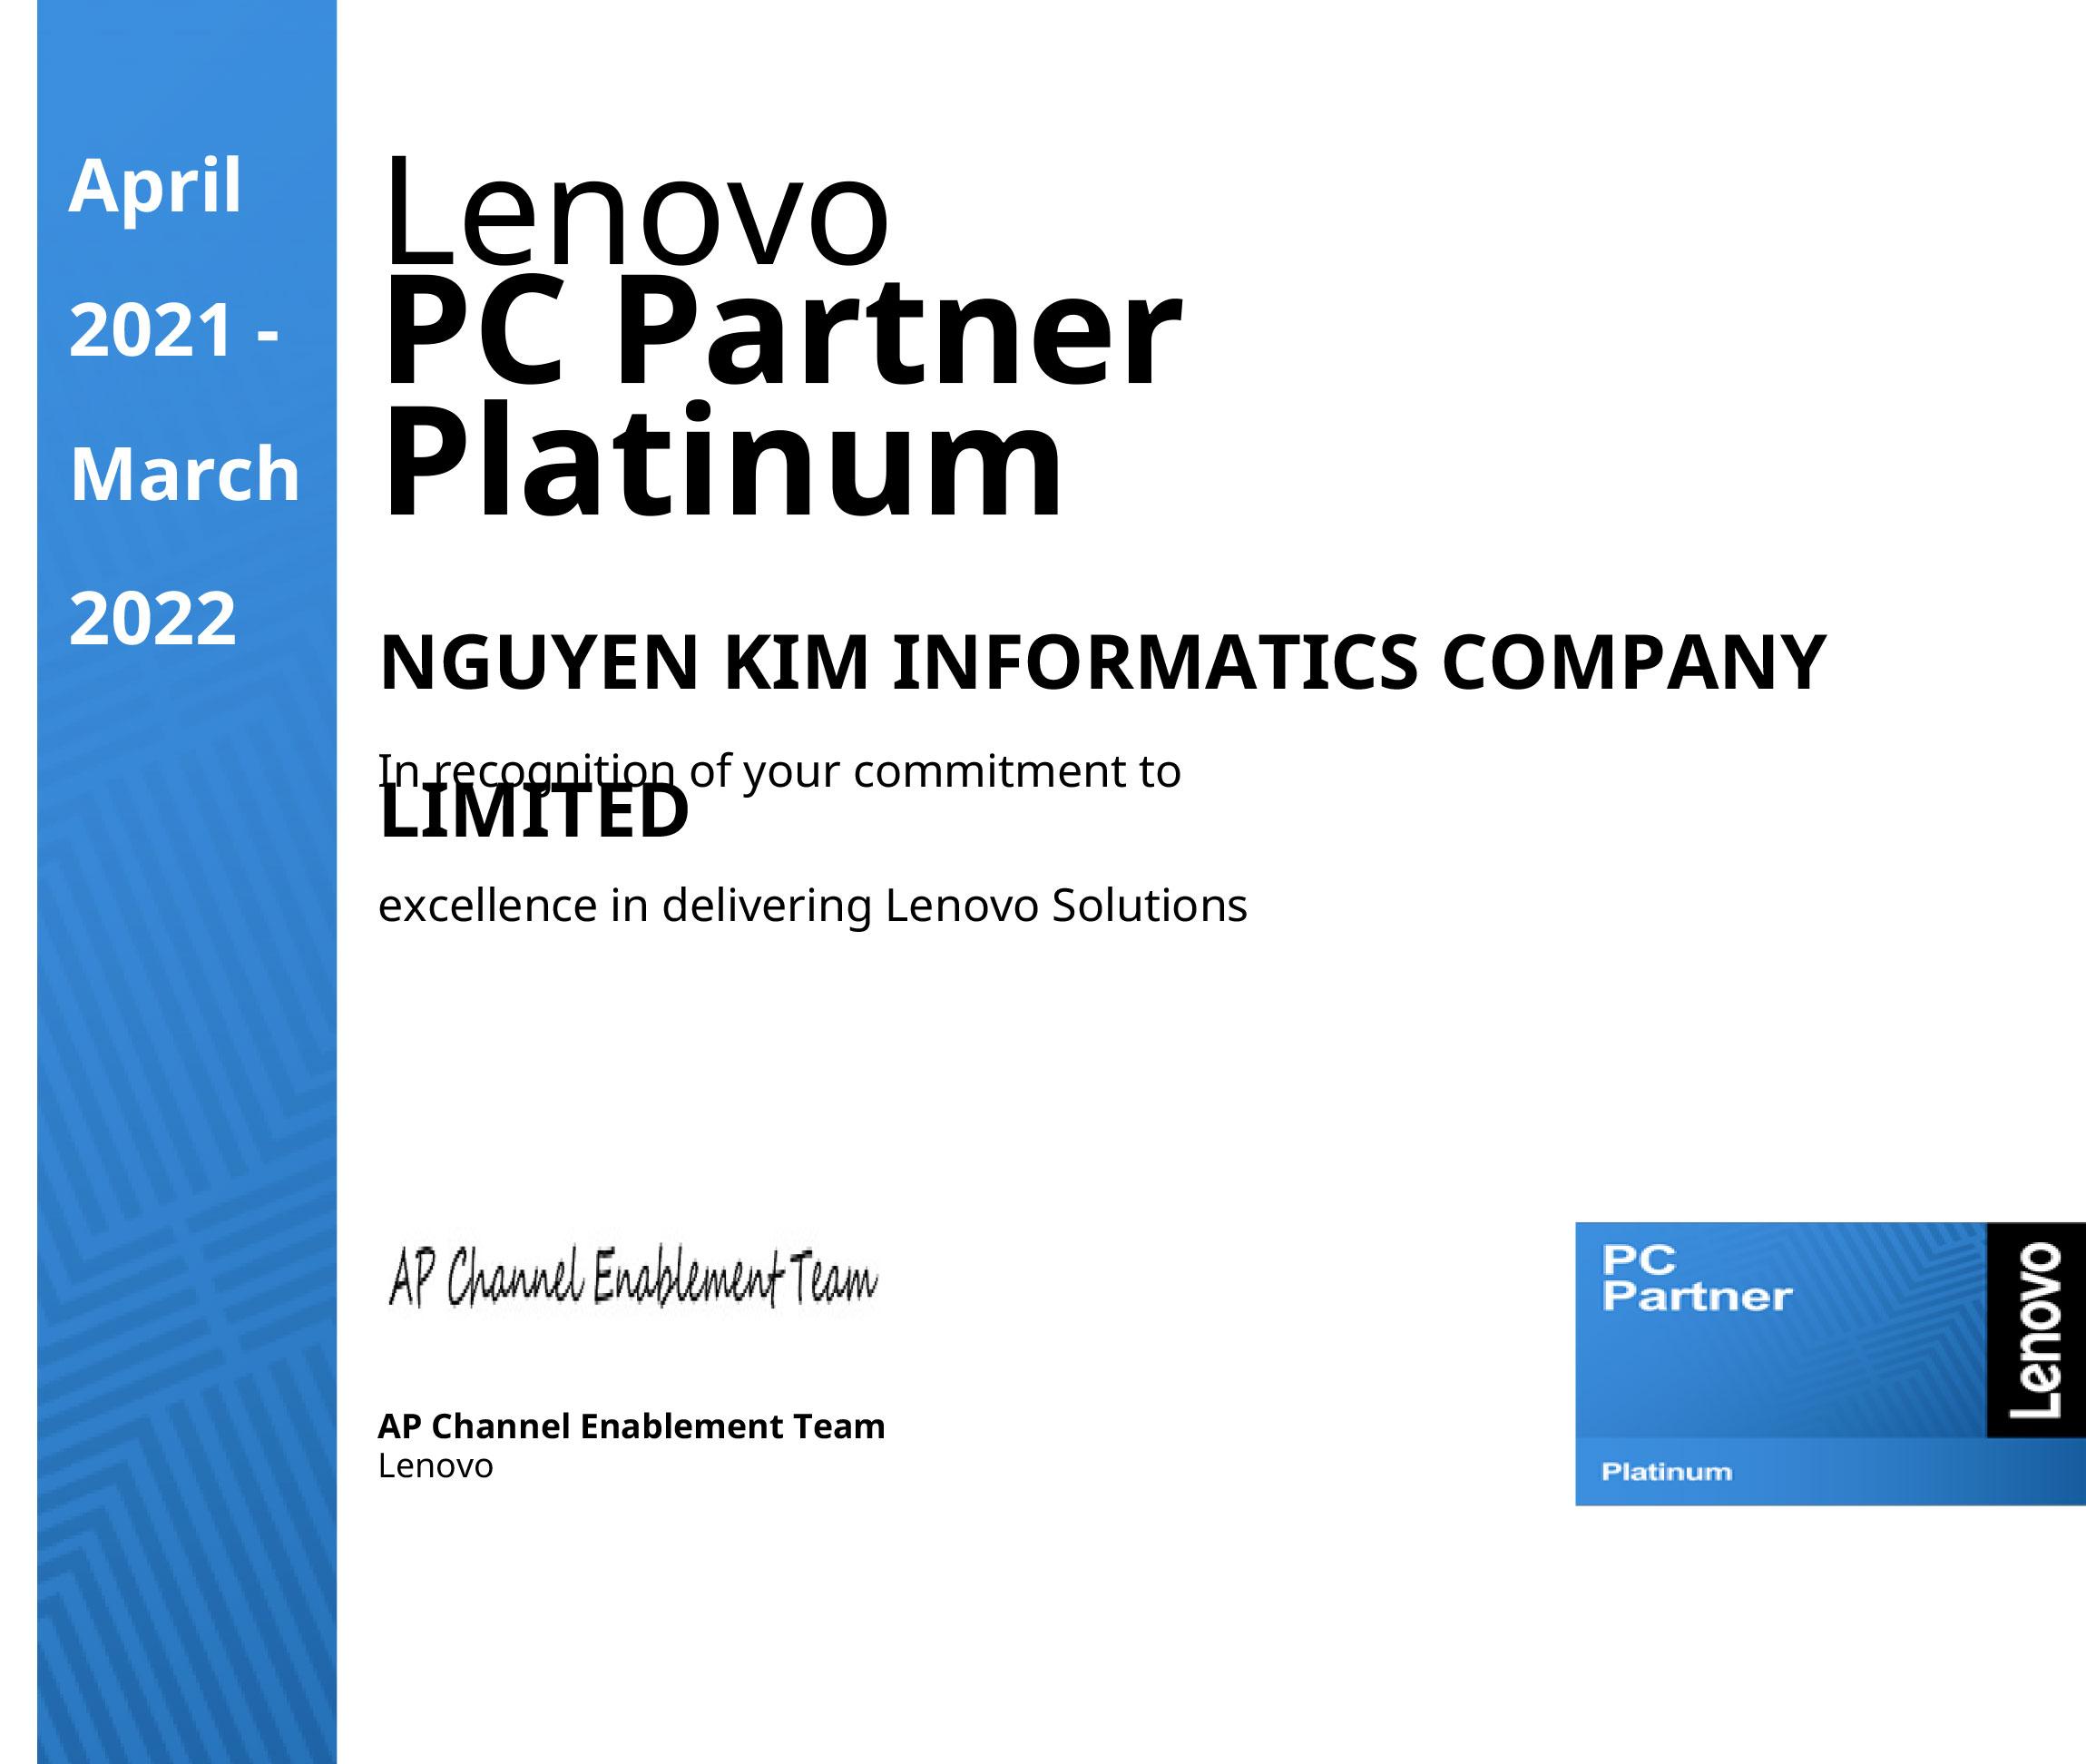 Vi tính Nguyên Kim là Lenovo Platinum PC Partner 2021